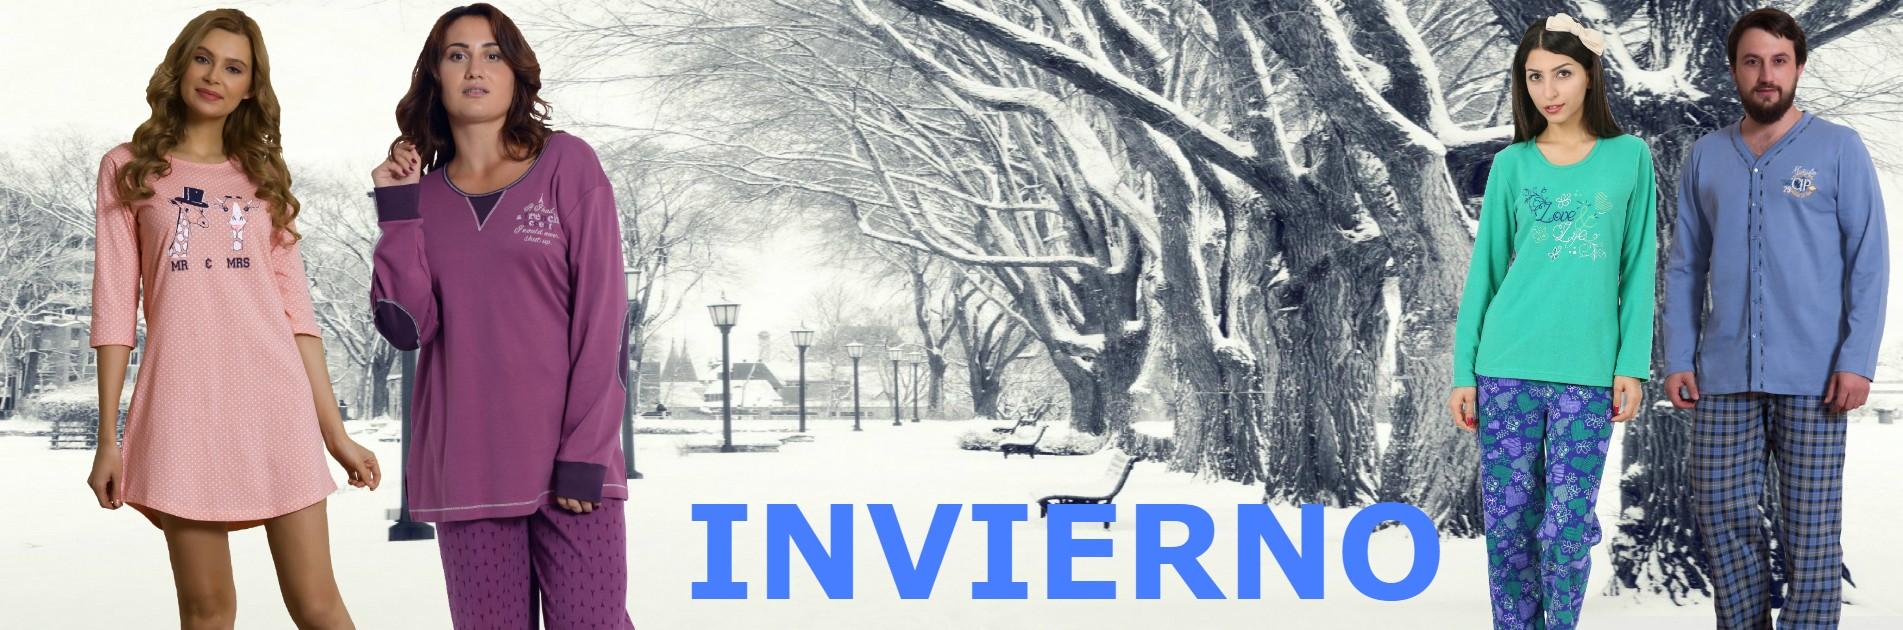 Invierno Nueva Temporada